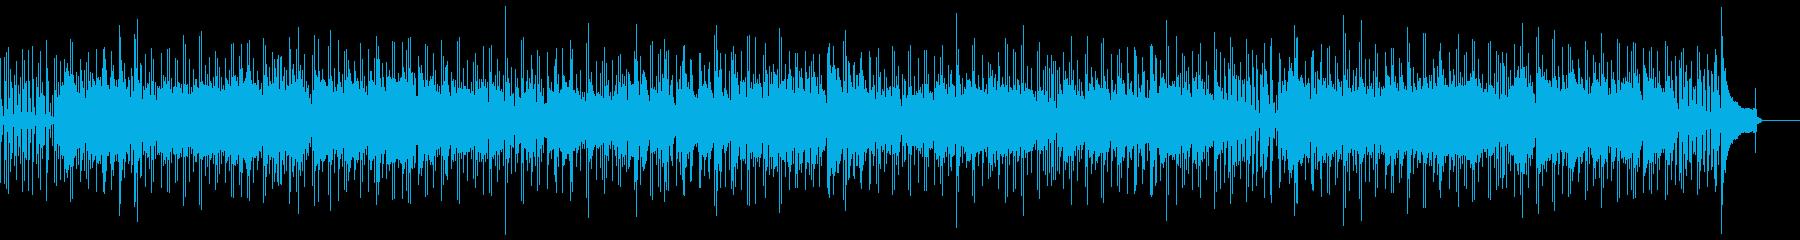 朝の情報番組オープニング風爽やか系BGMの再生済みの波形